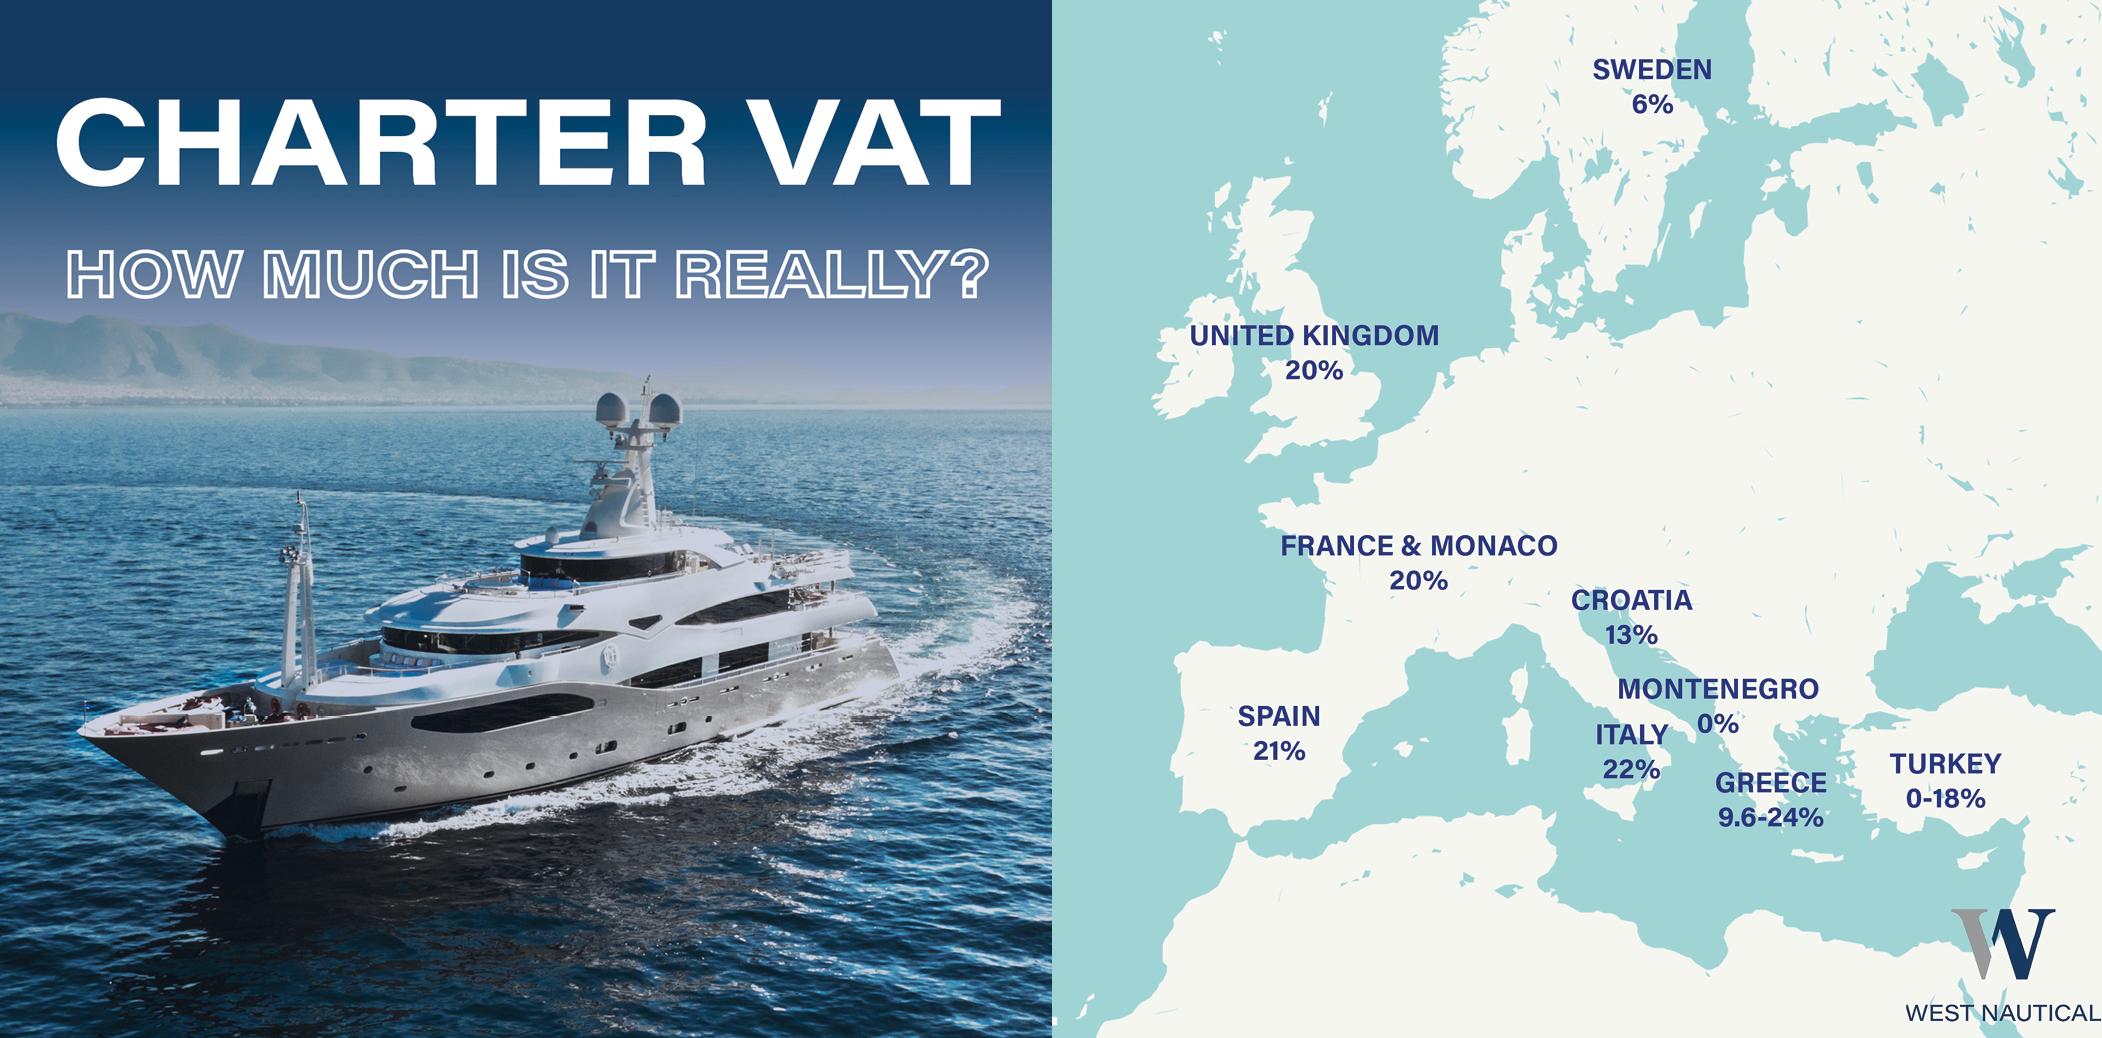 Yacht charter VAT